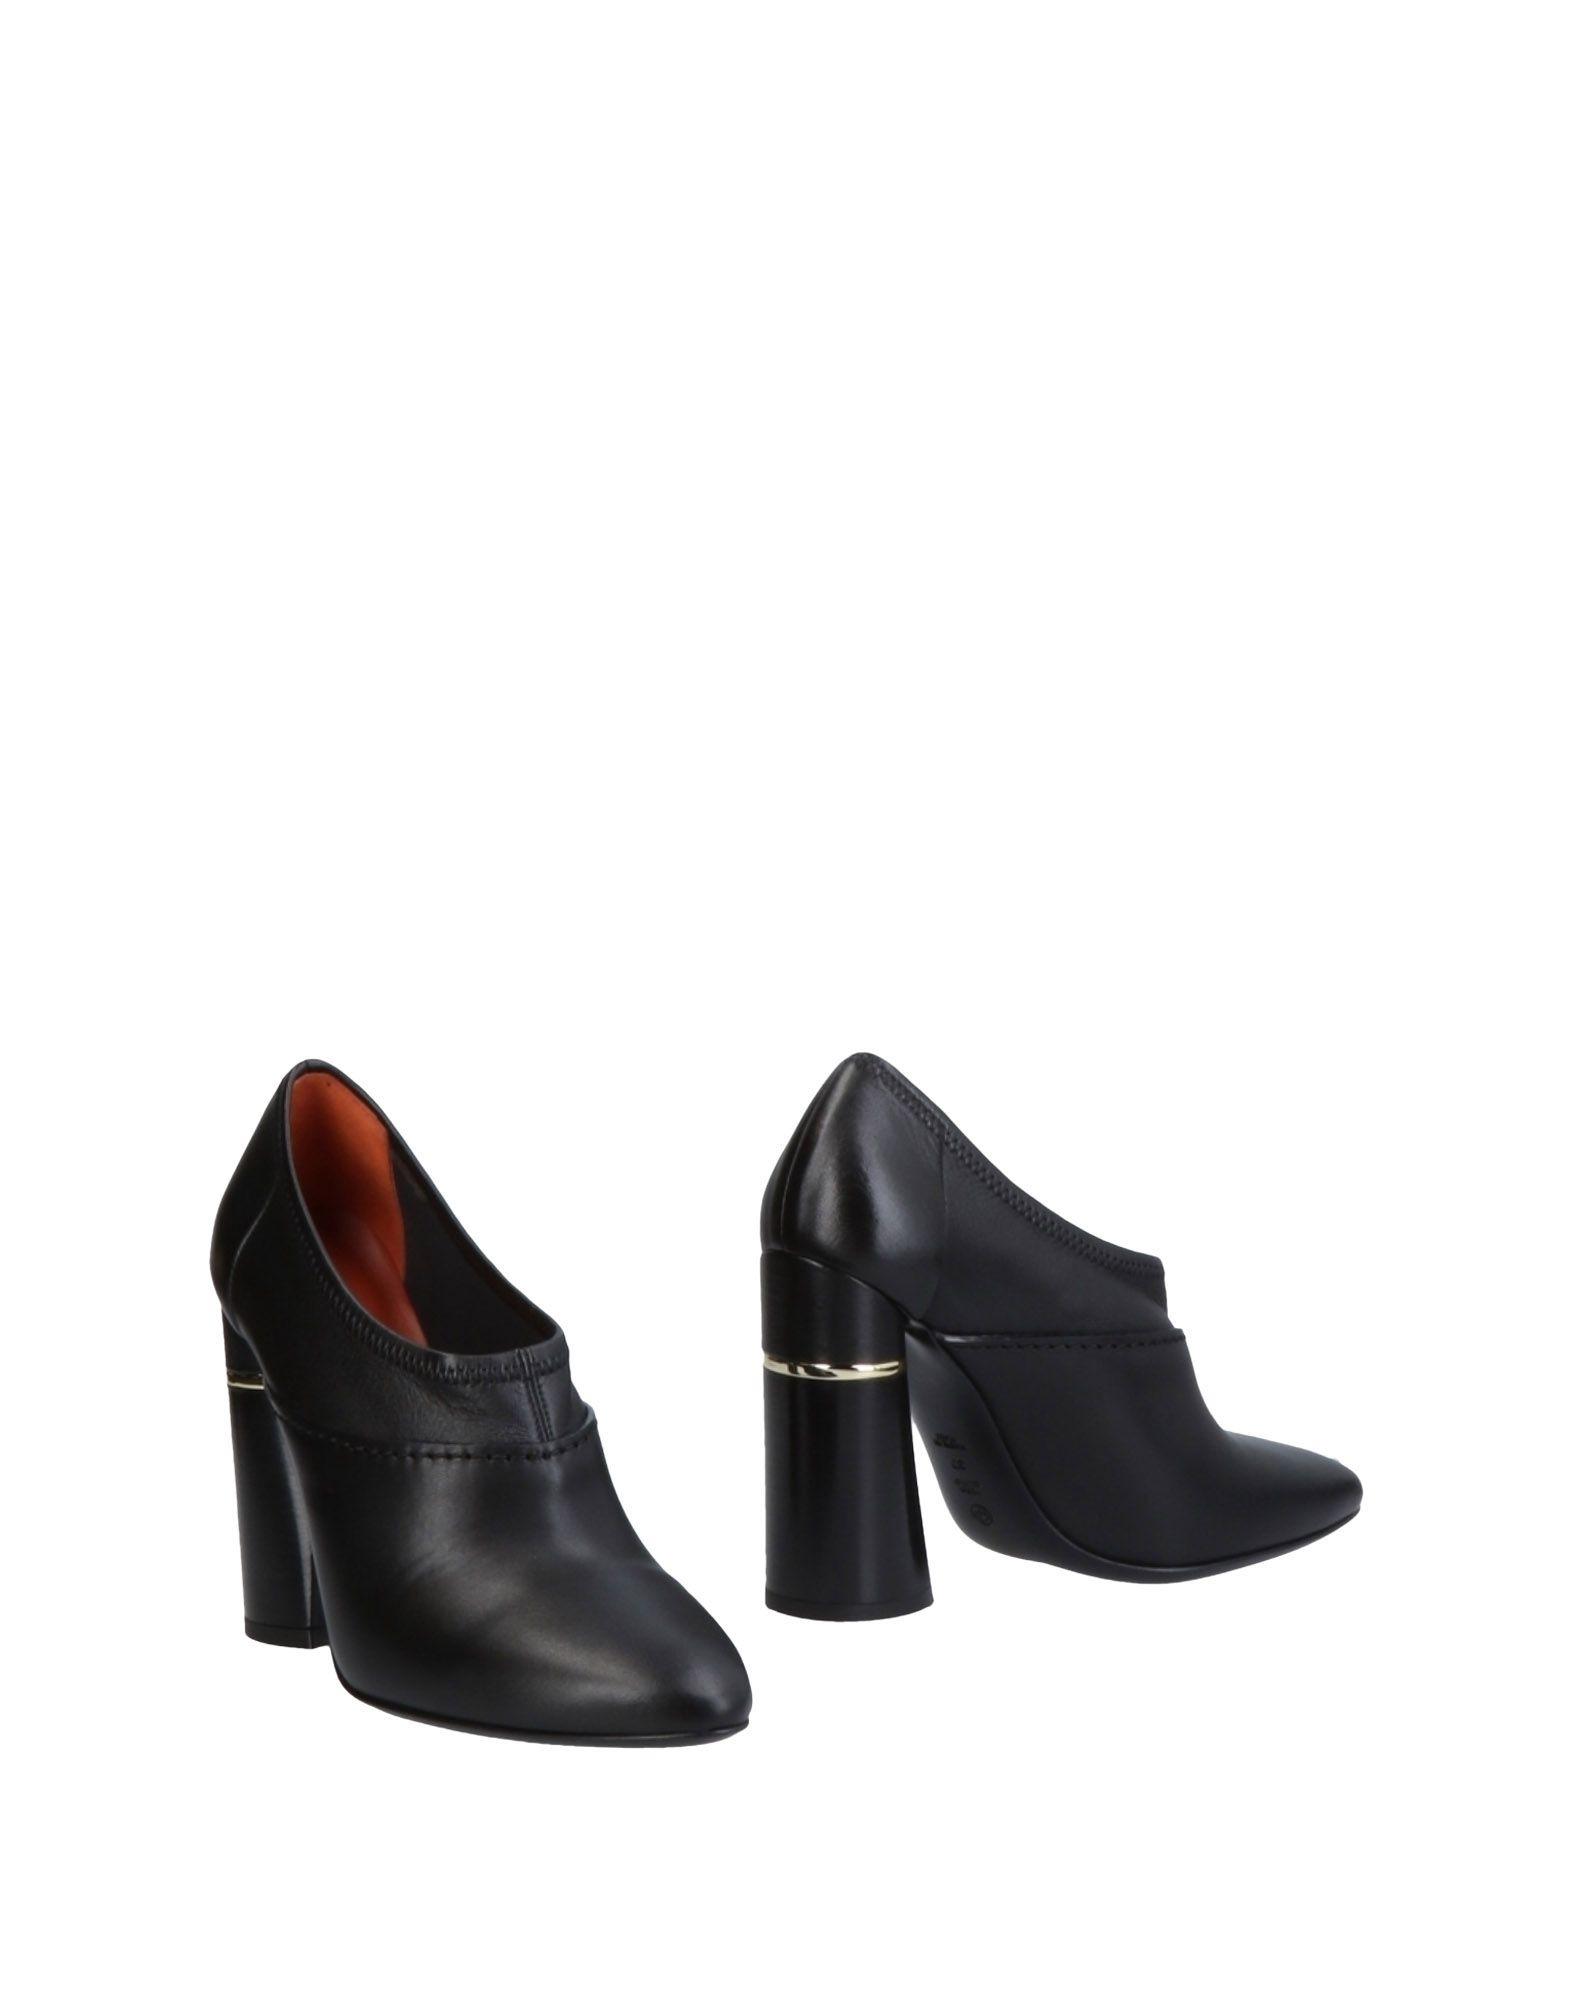 3.1 Phillip Lim Stiefelette Damen  11463663QWGut aussehende strapazierfähige Schuhe